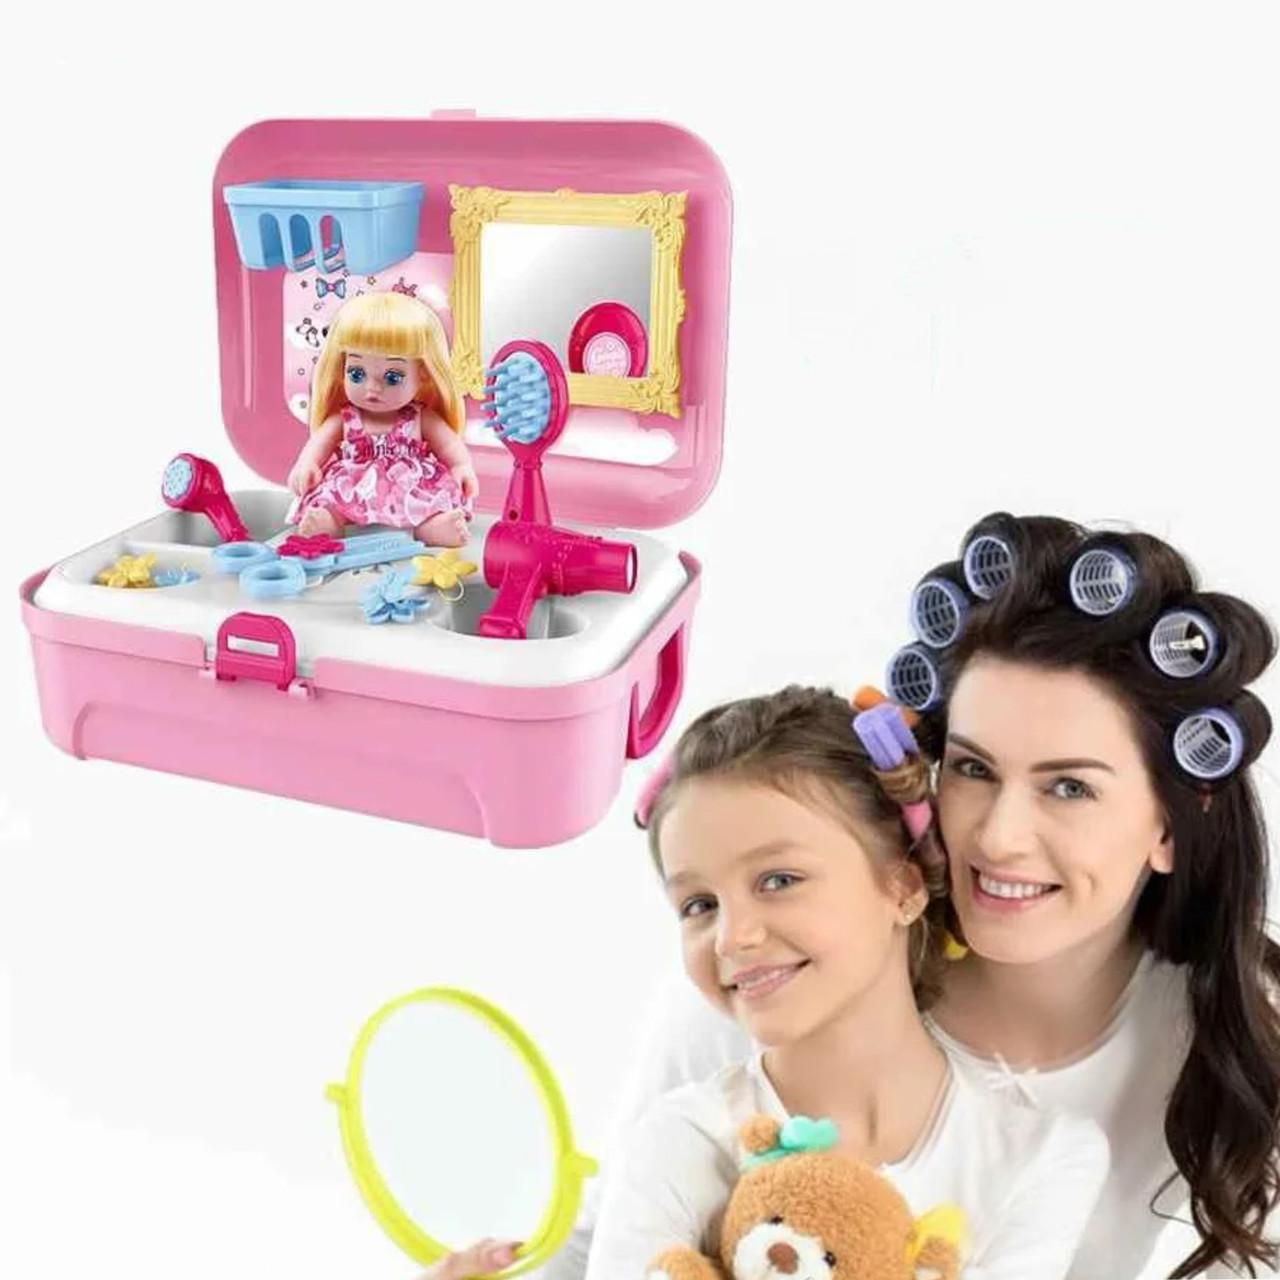 Портативний рюкзак Cosmetics toy | Ігровий набір для дівчинки | Ігровий набір дитячий рюкзак для принцеси